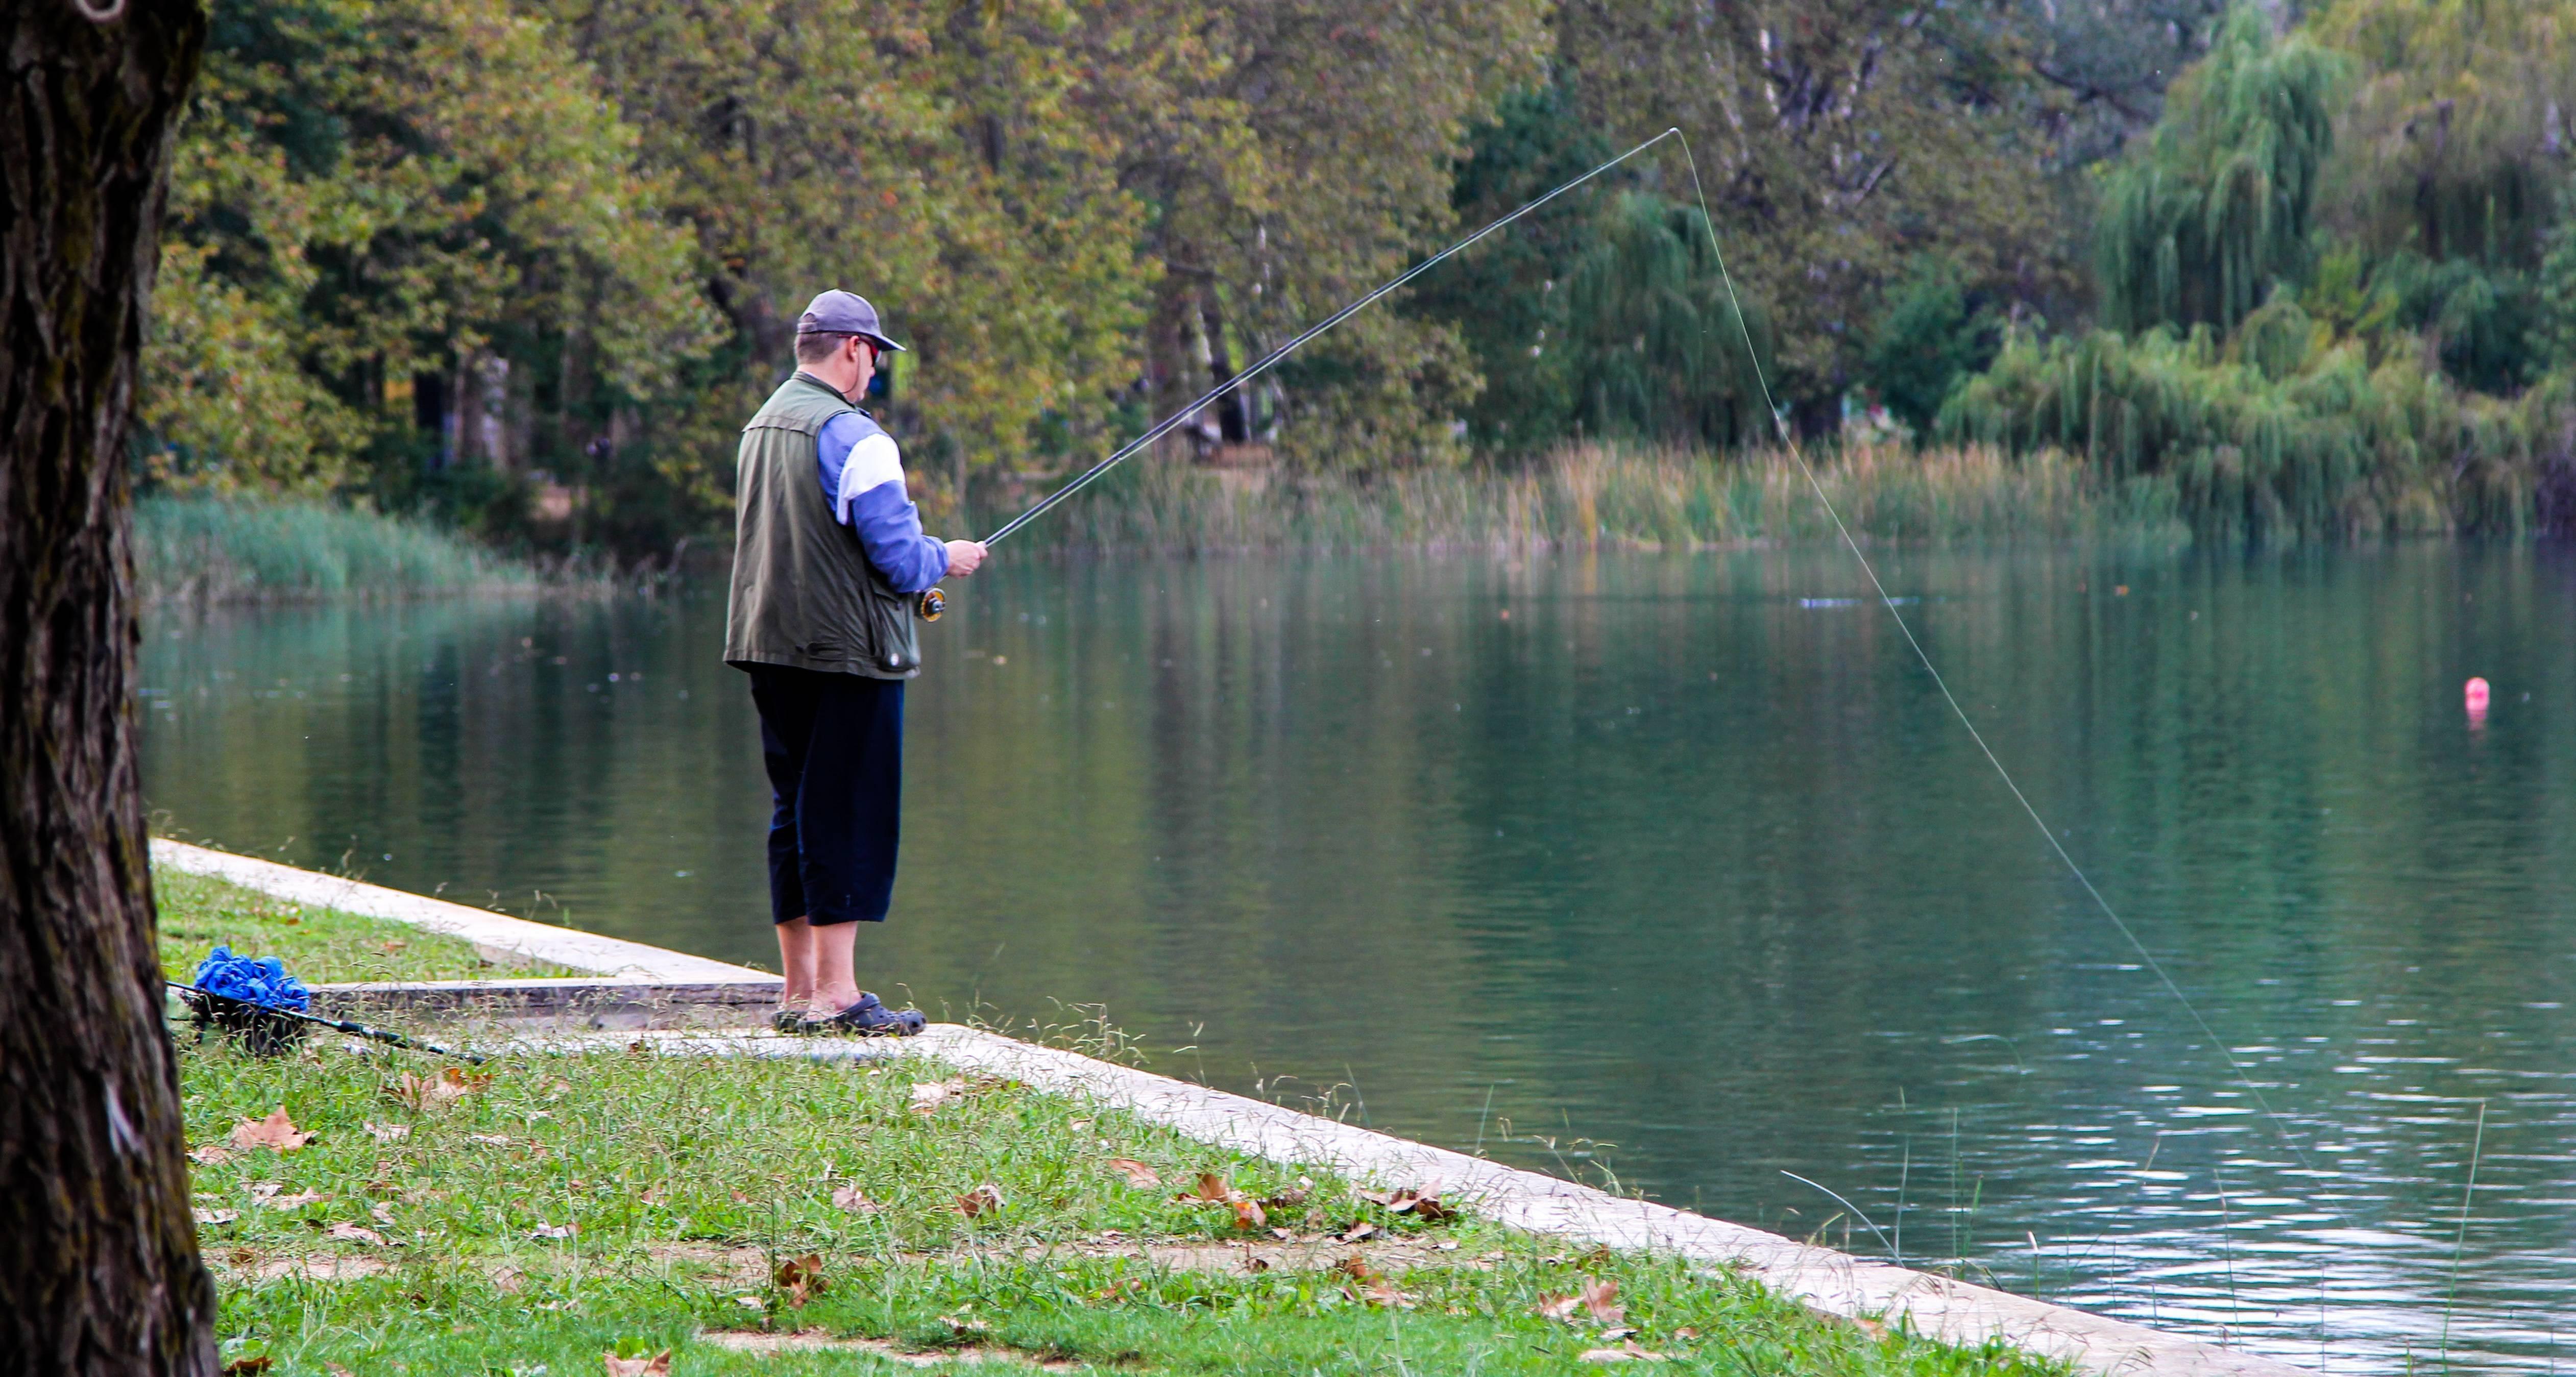 Техника ловли маховой удочкой на озерах и водохранилищах